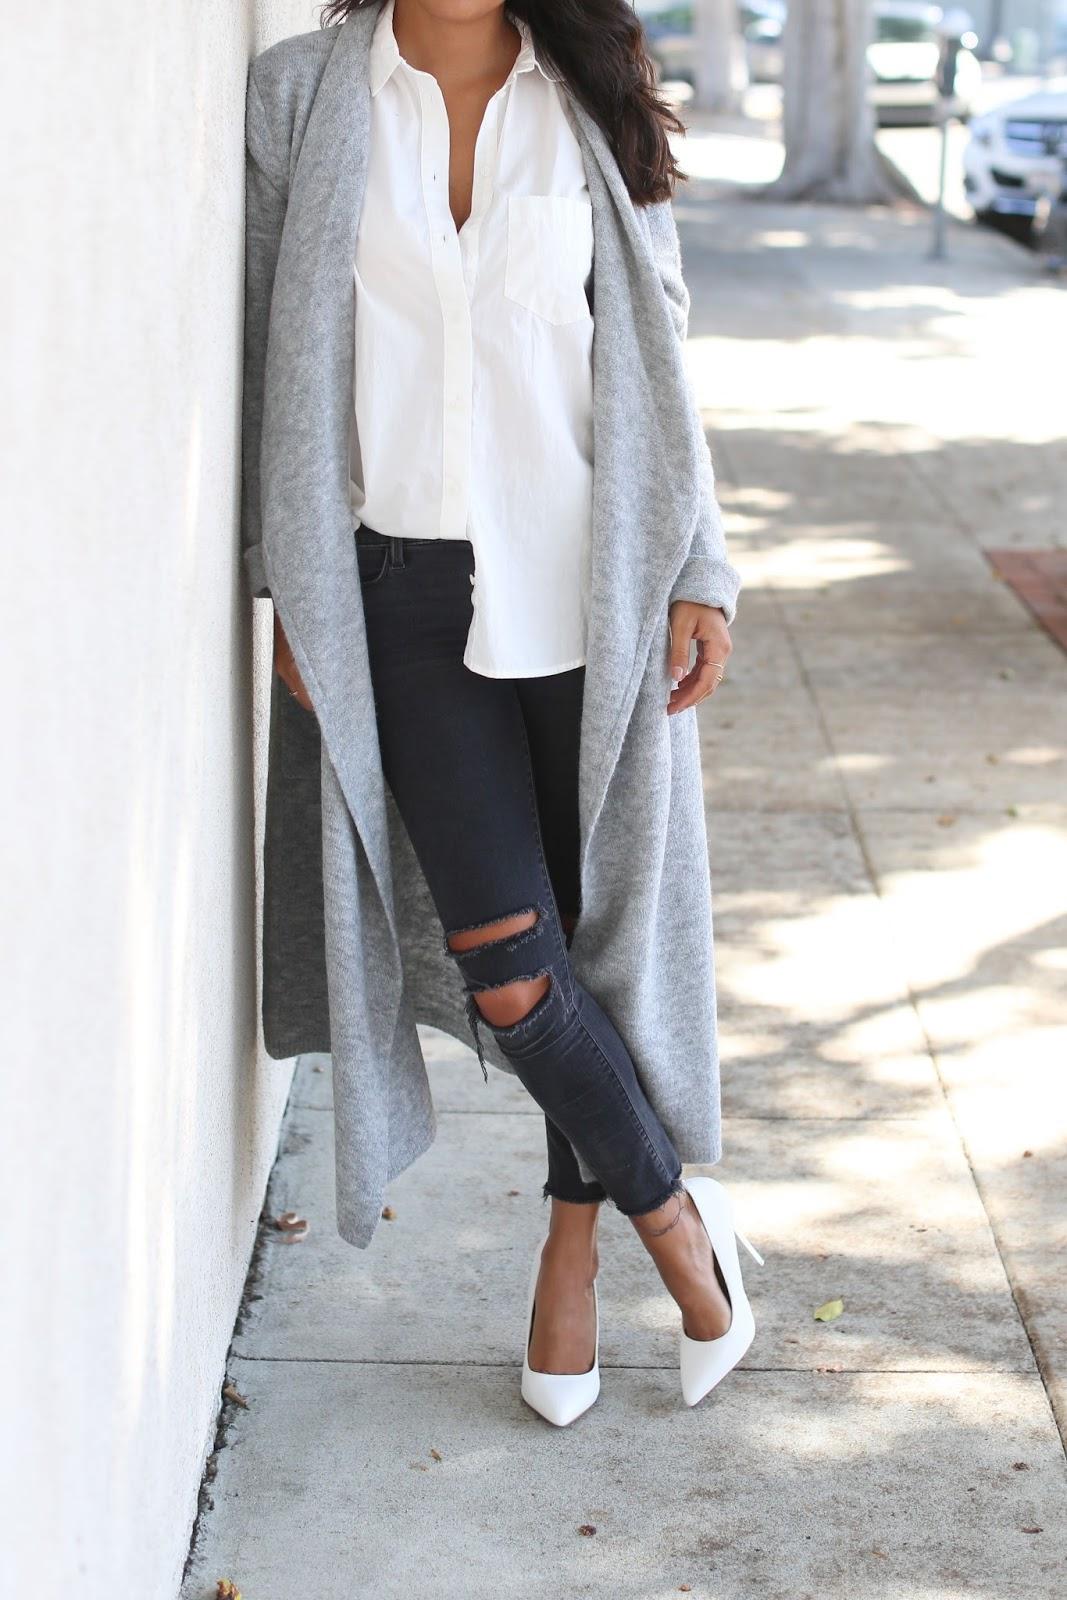 bb dakota long cardigan, how to wear long cardigan, j brand distressed denim, kardashian kollection white heels